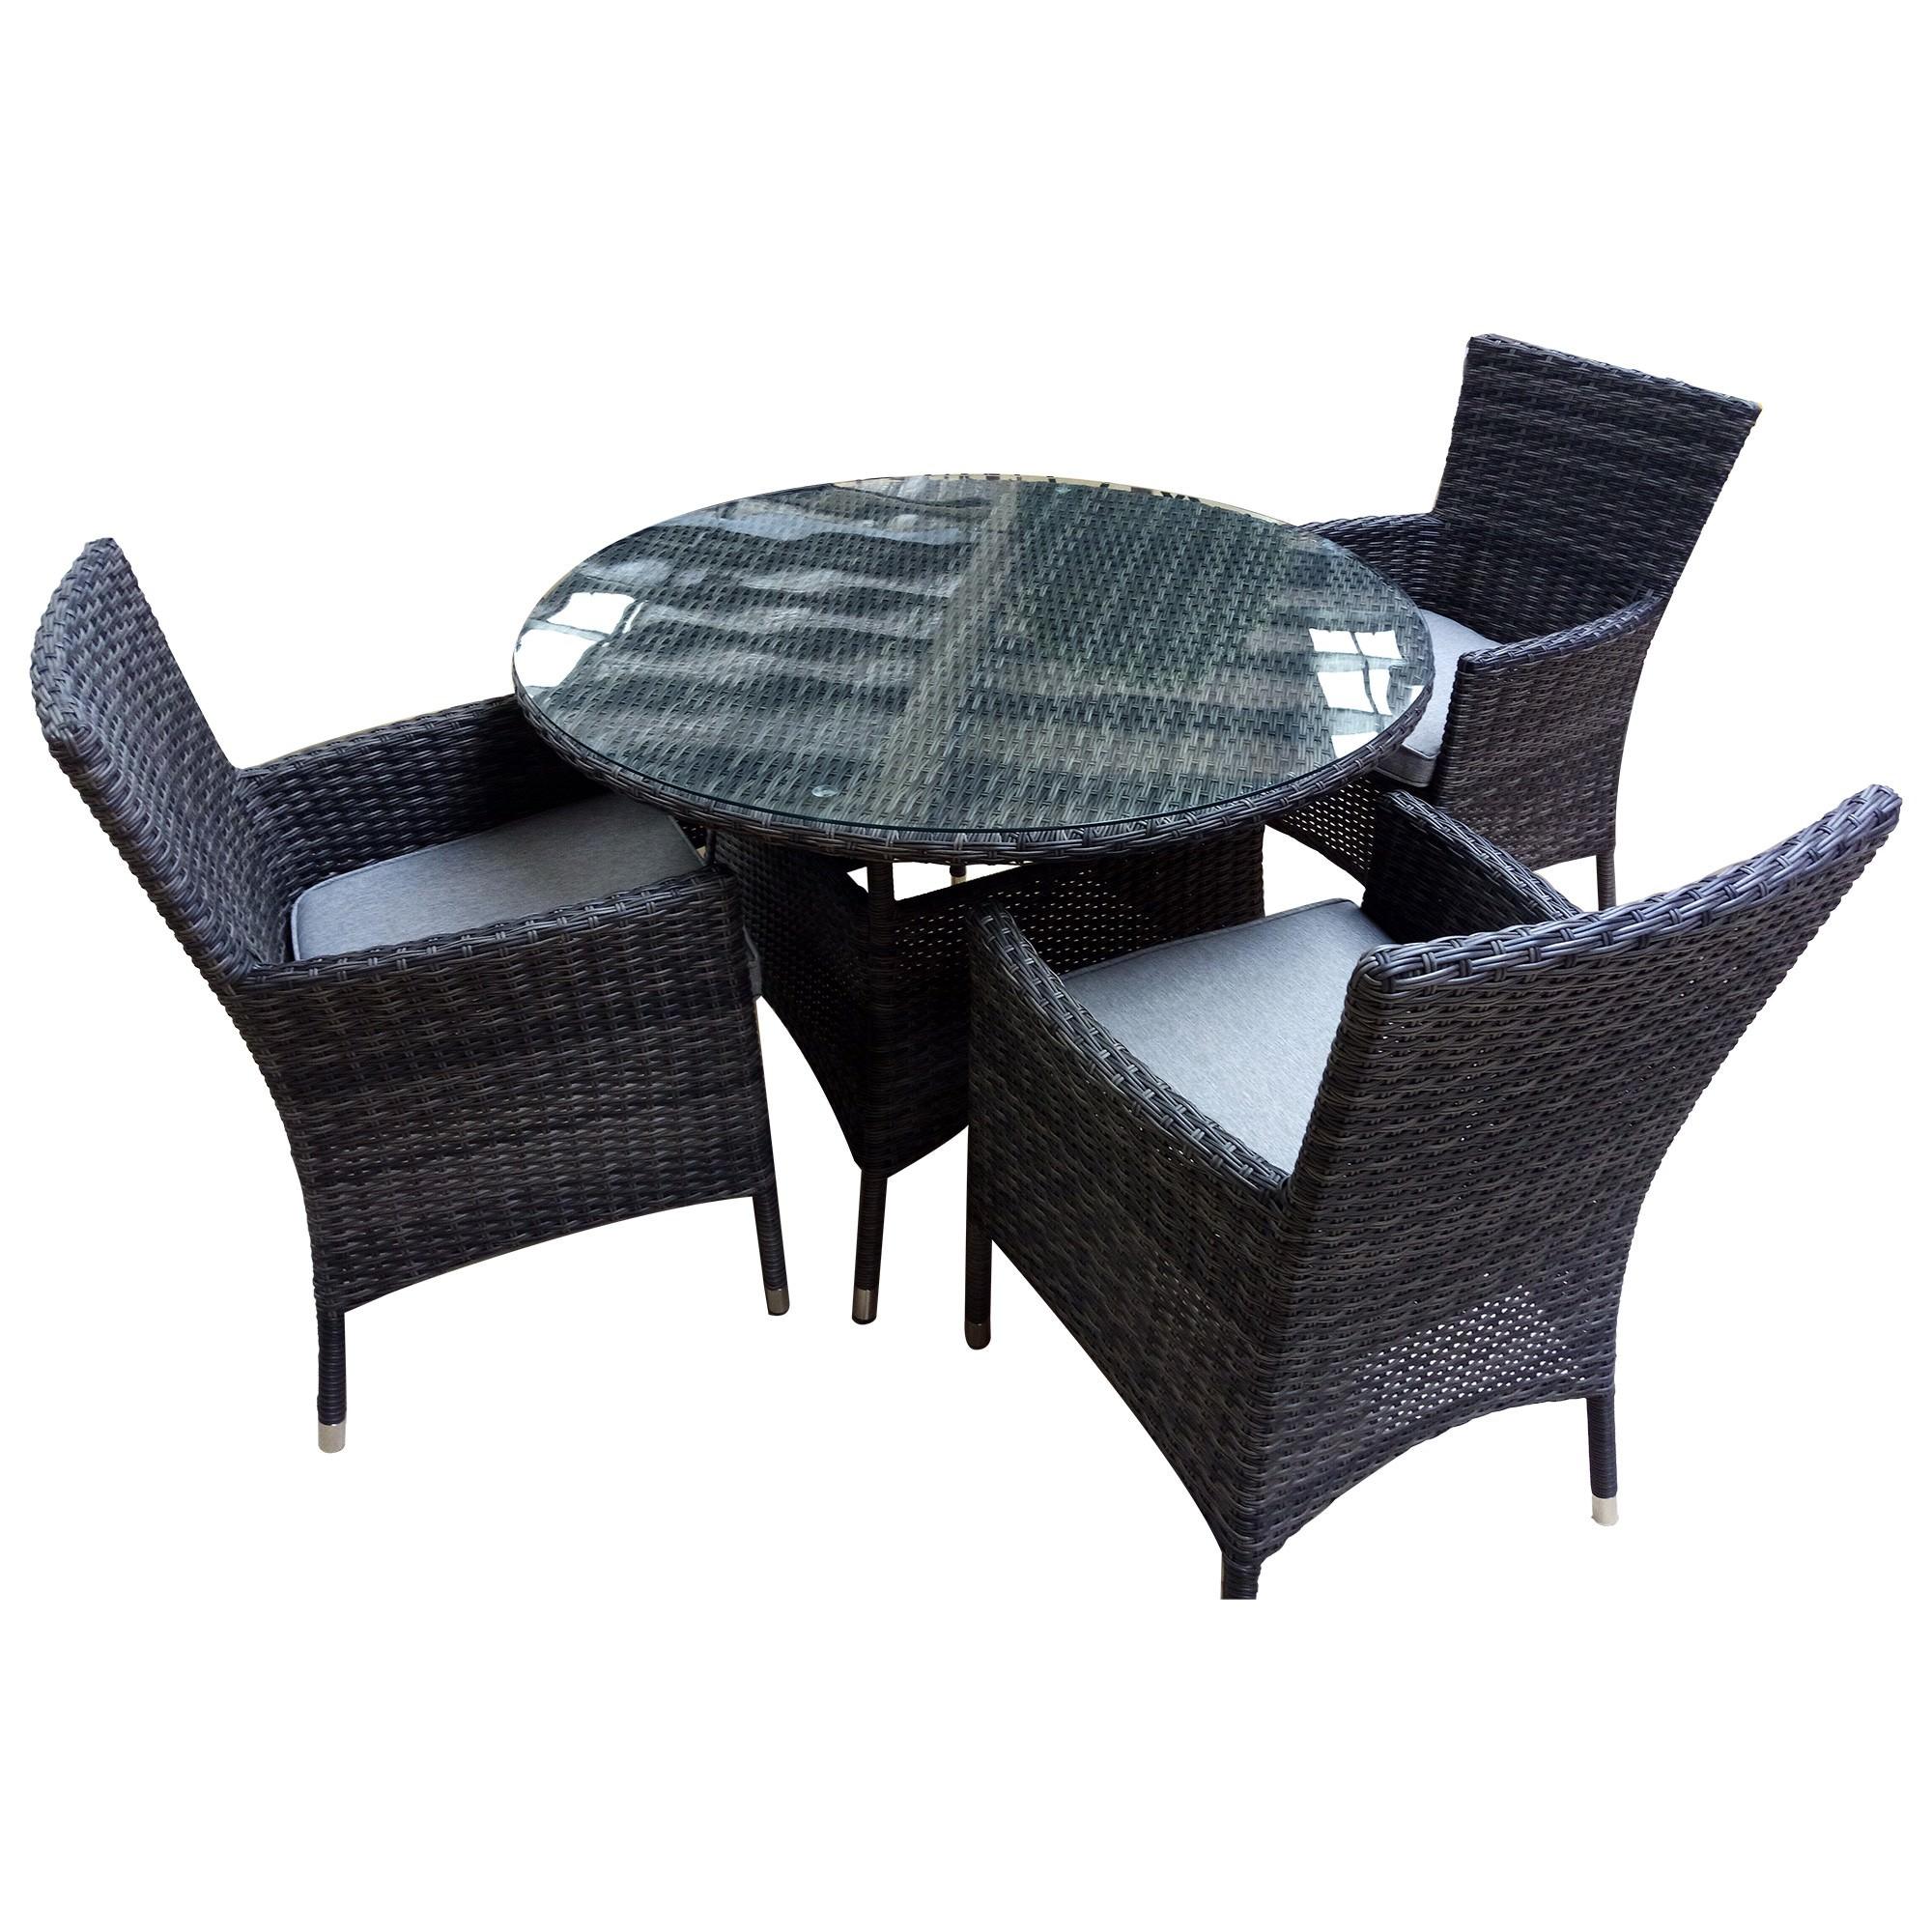 Sanford 5 Piece Wicker Outdoor Round Dining Table Set, 110cm